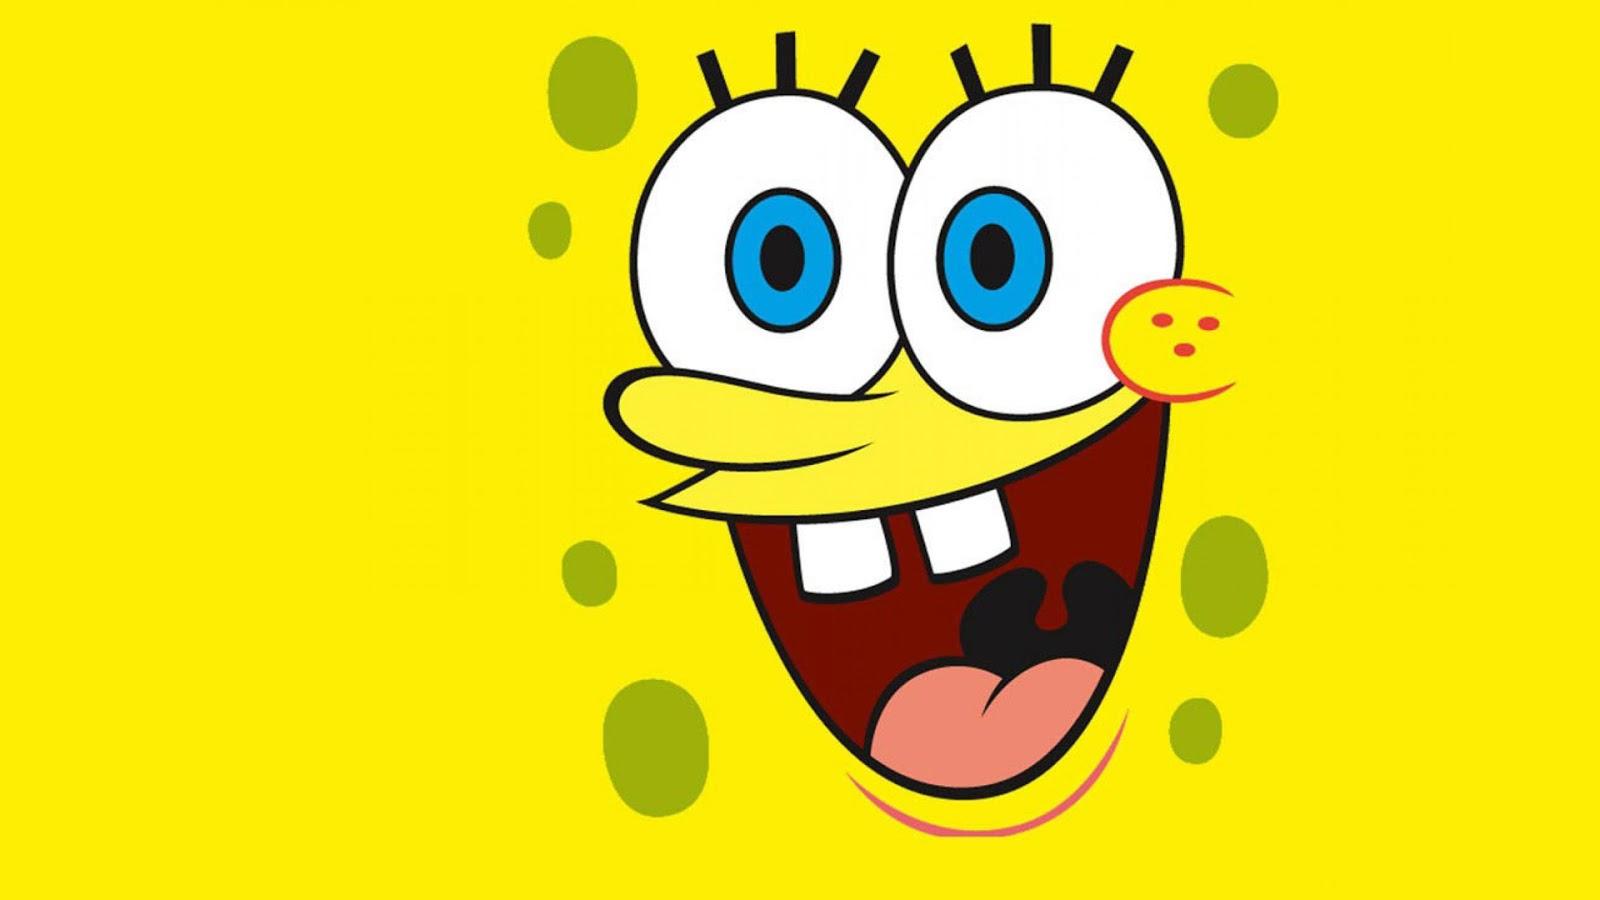 42 Spongebob Squarepants Wallpapers Wallpaperceiling